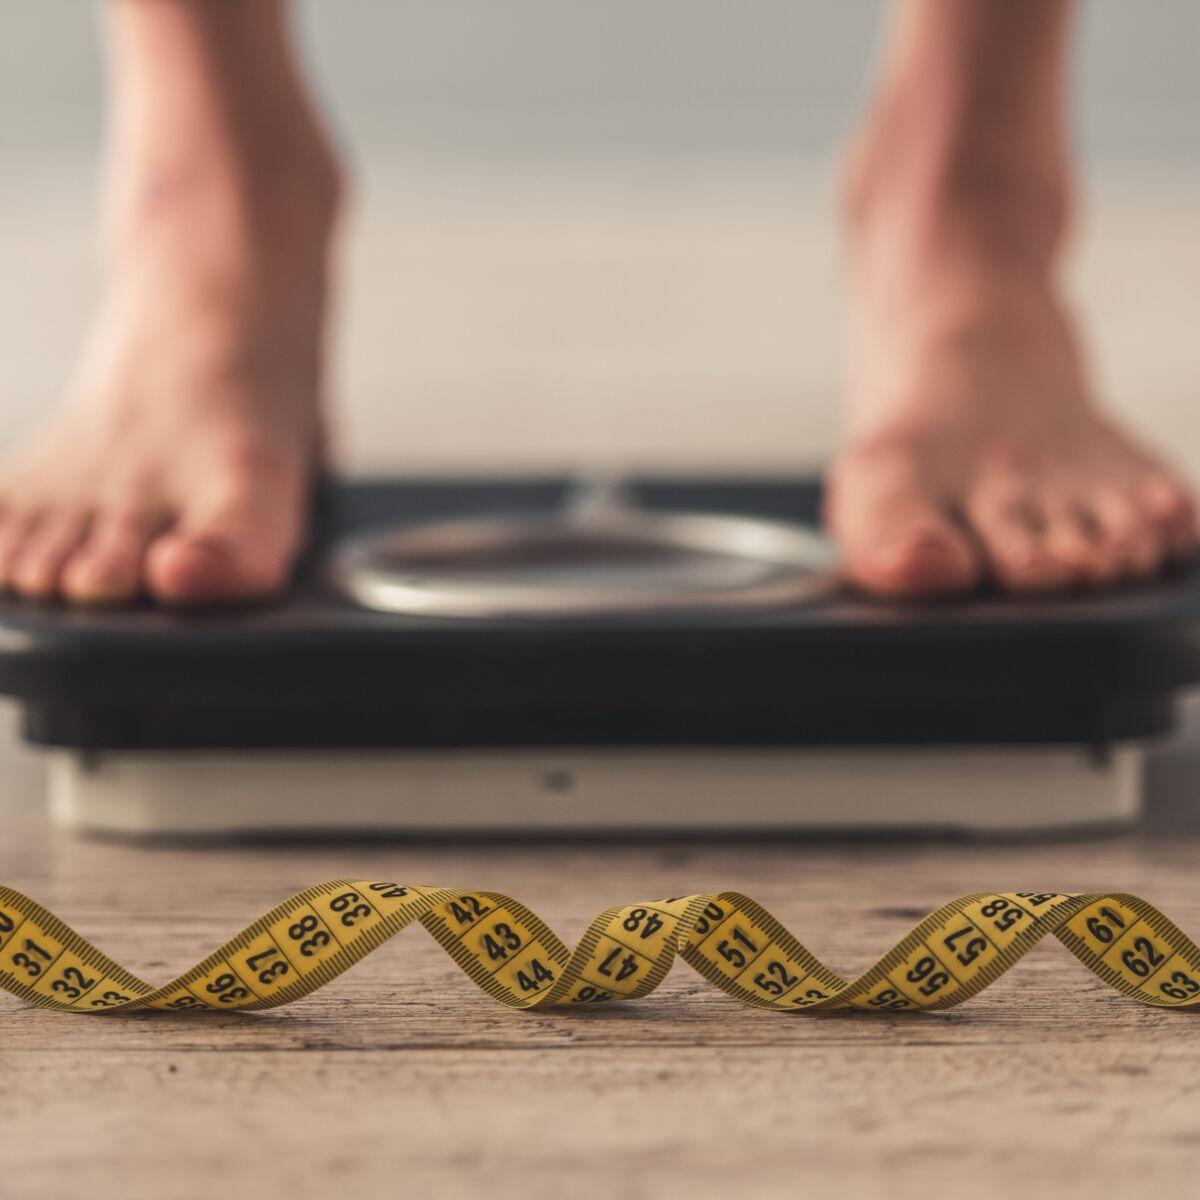 la maladie mentale peut-elle entraîner une perte de poids